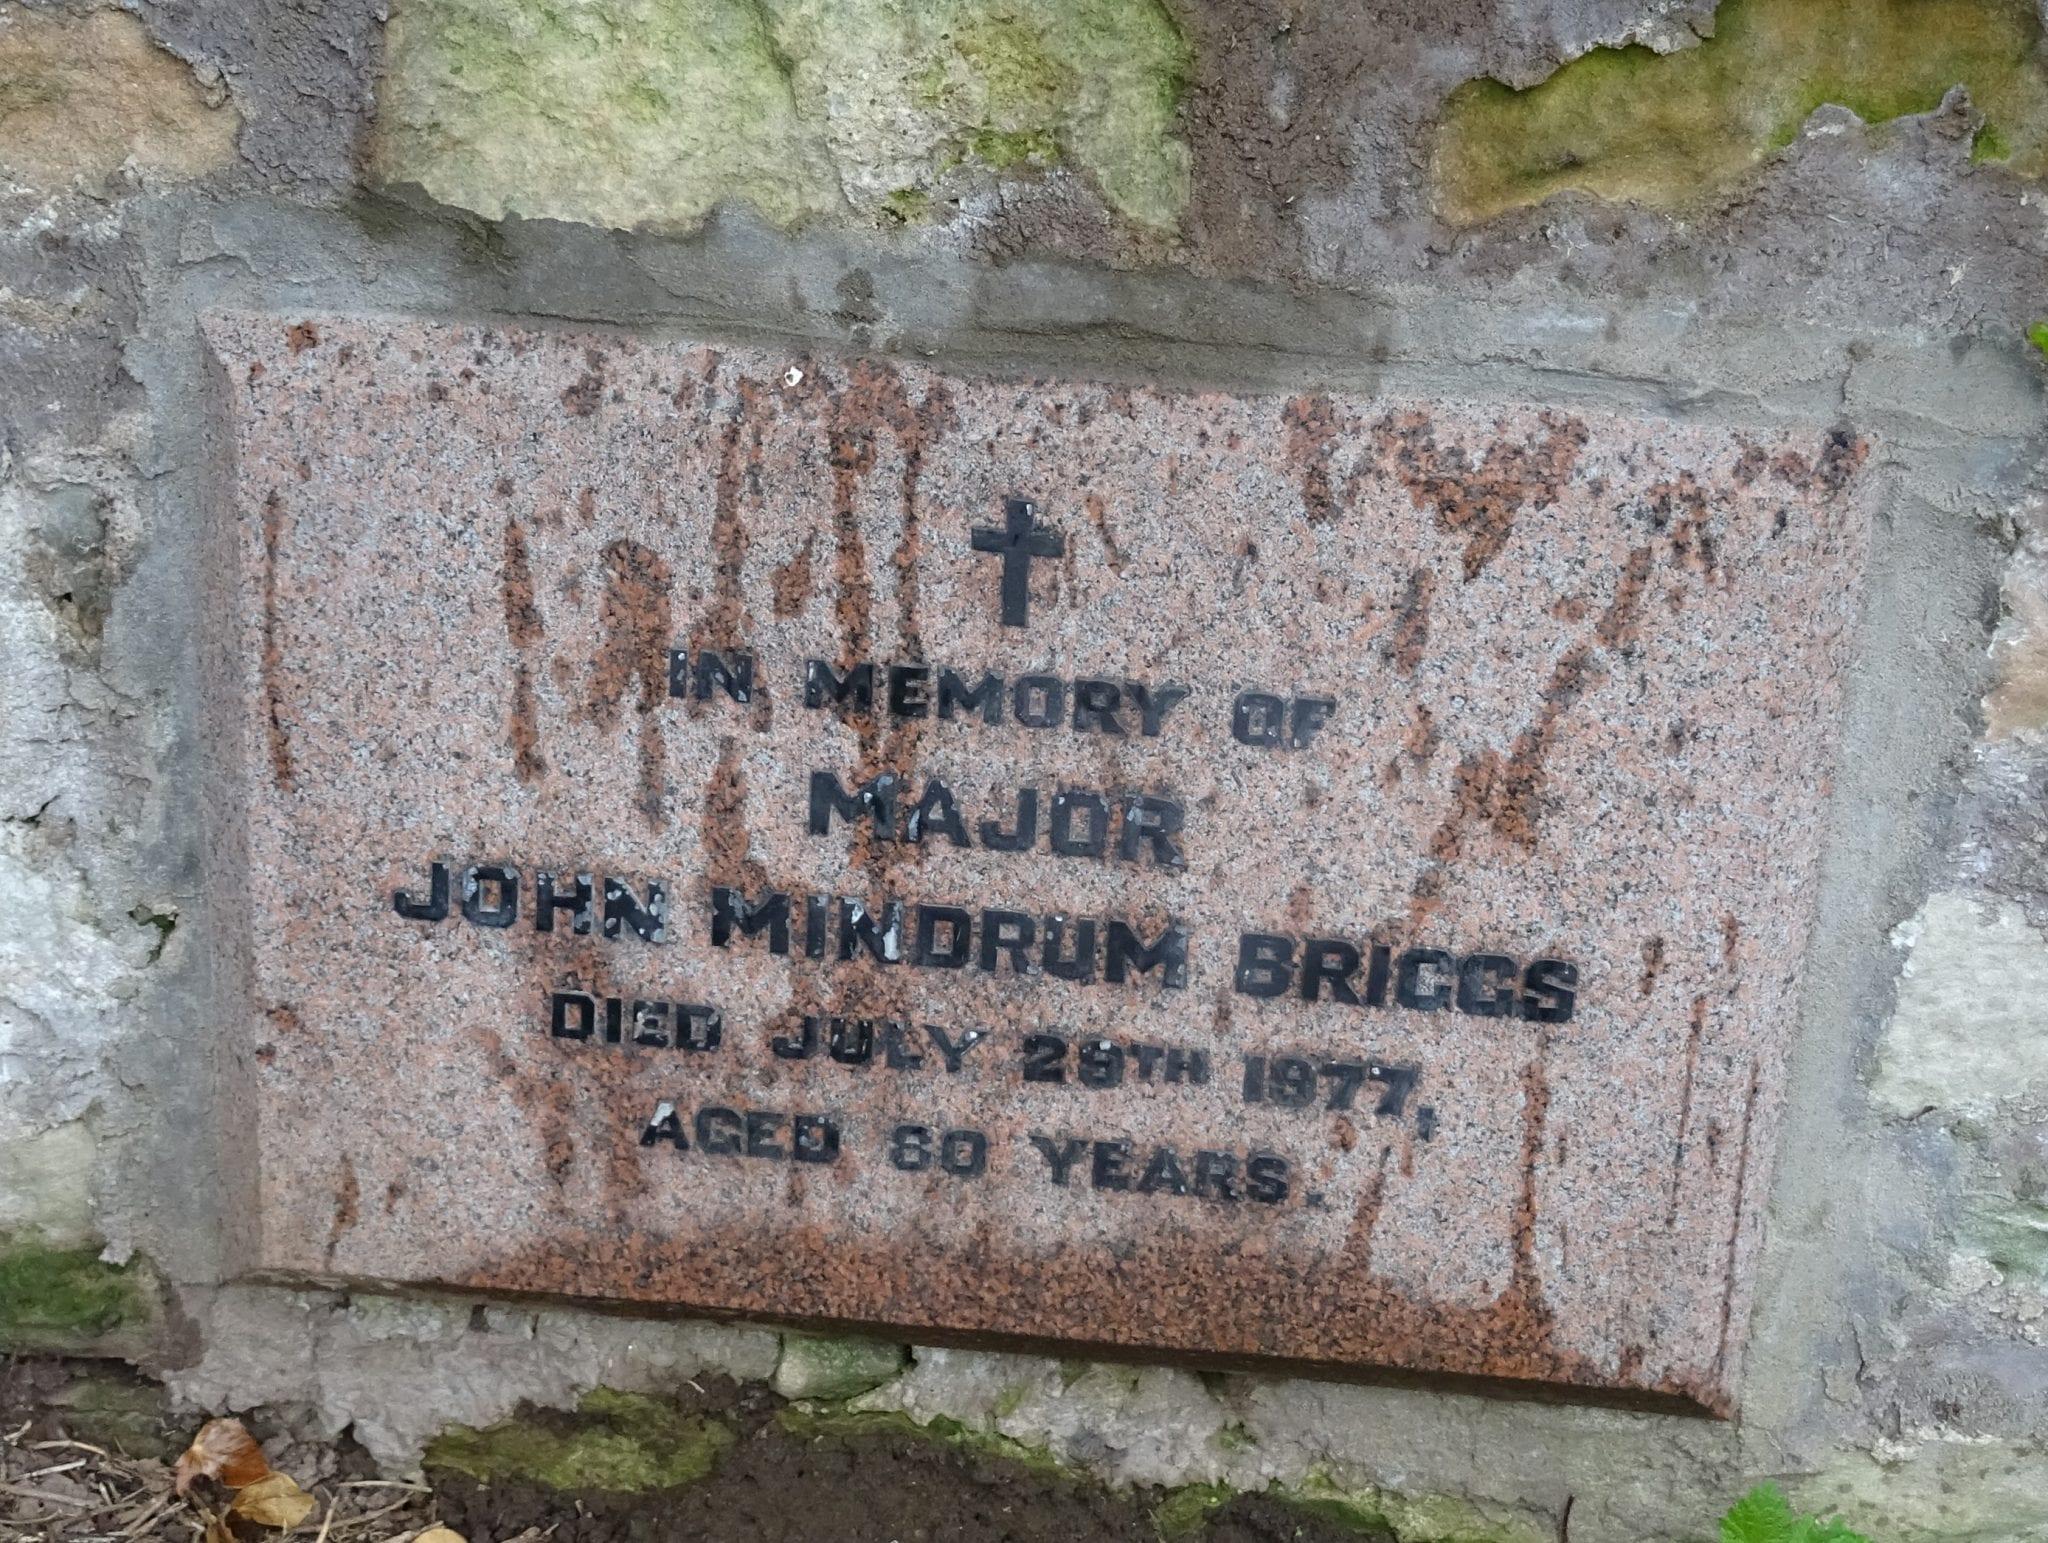 John Mindrum Briggs